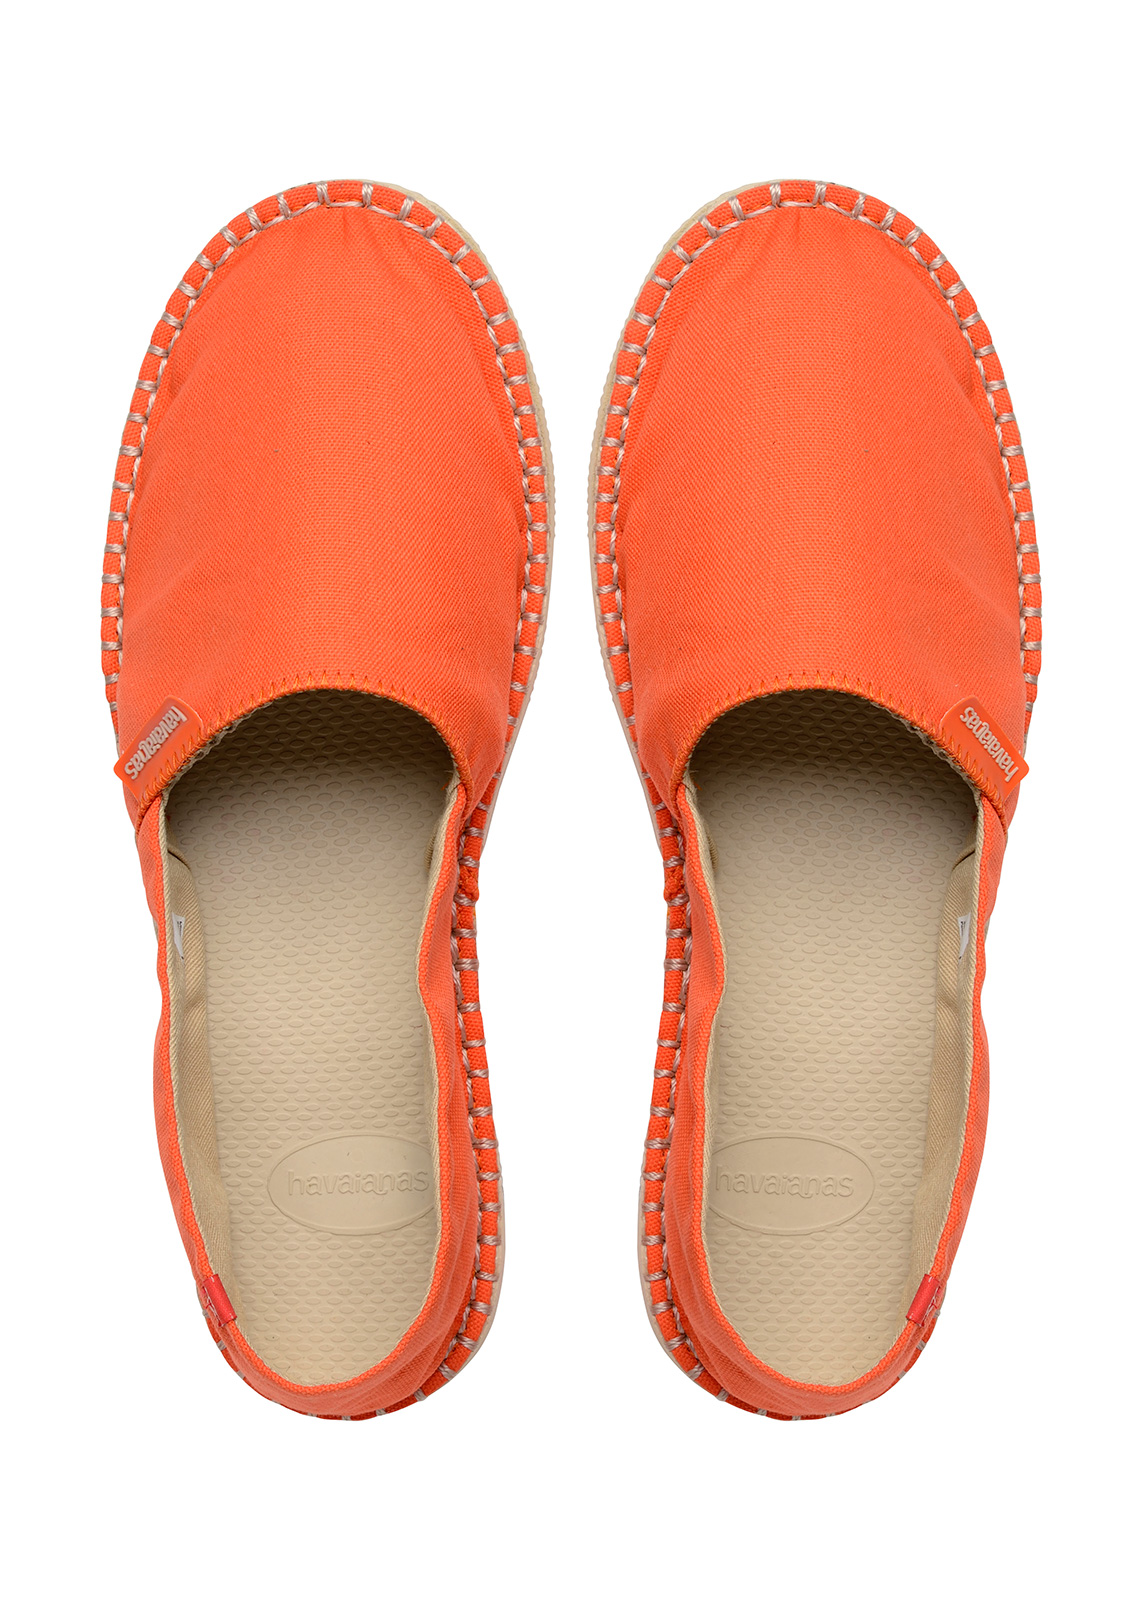 Zapatos naranjas Havaianas Origine para mujer pAS9t